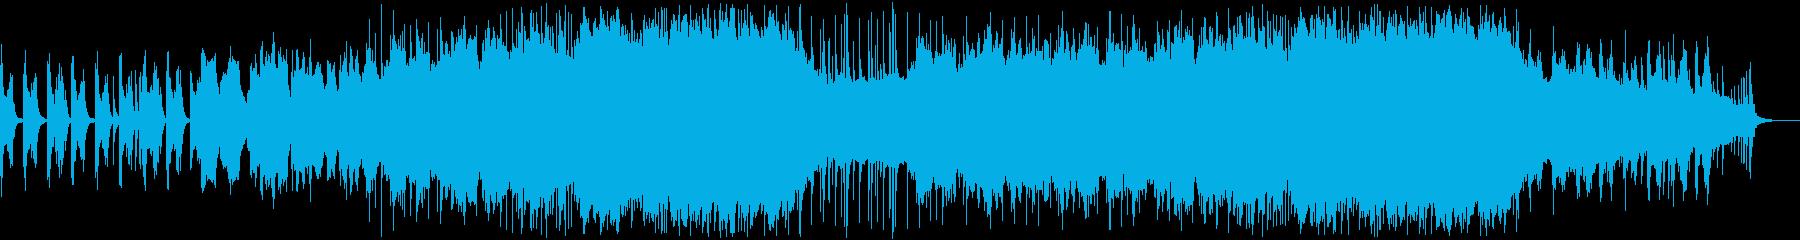 和楽器による和風BGM 4の再生済みの波形